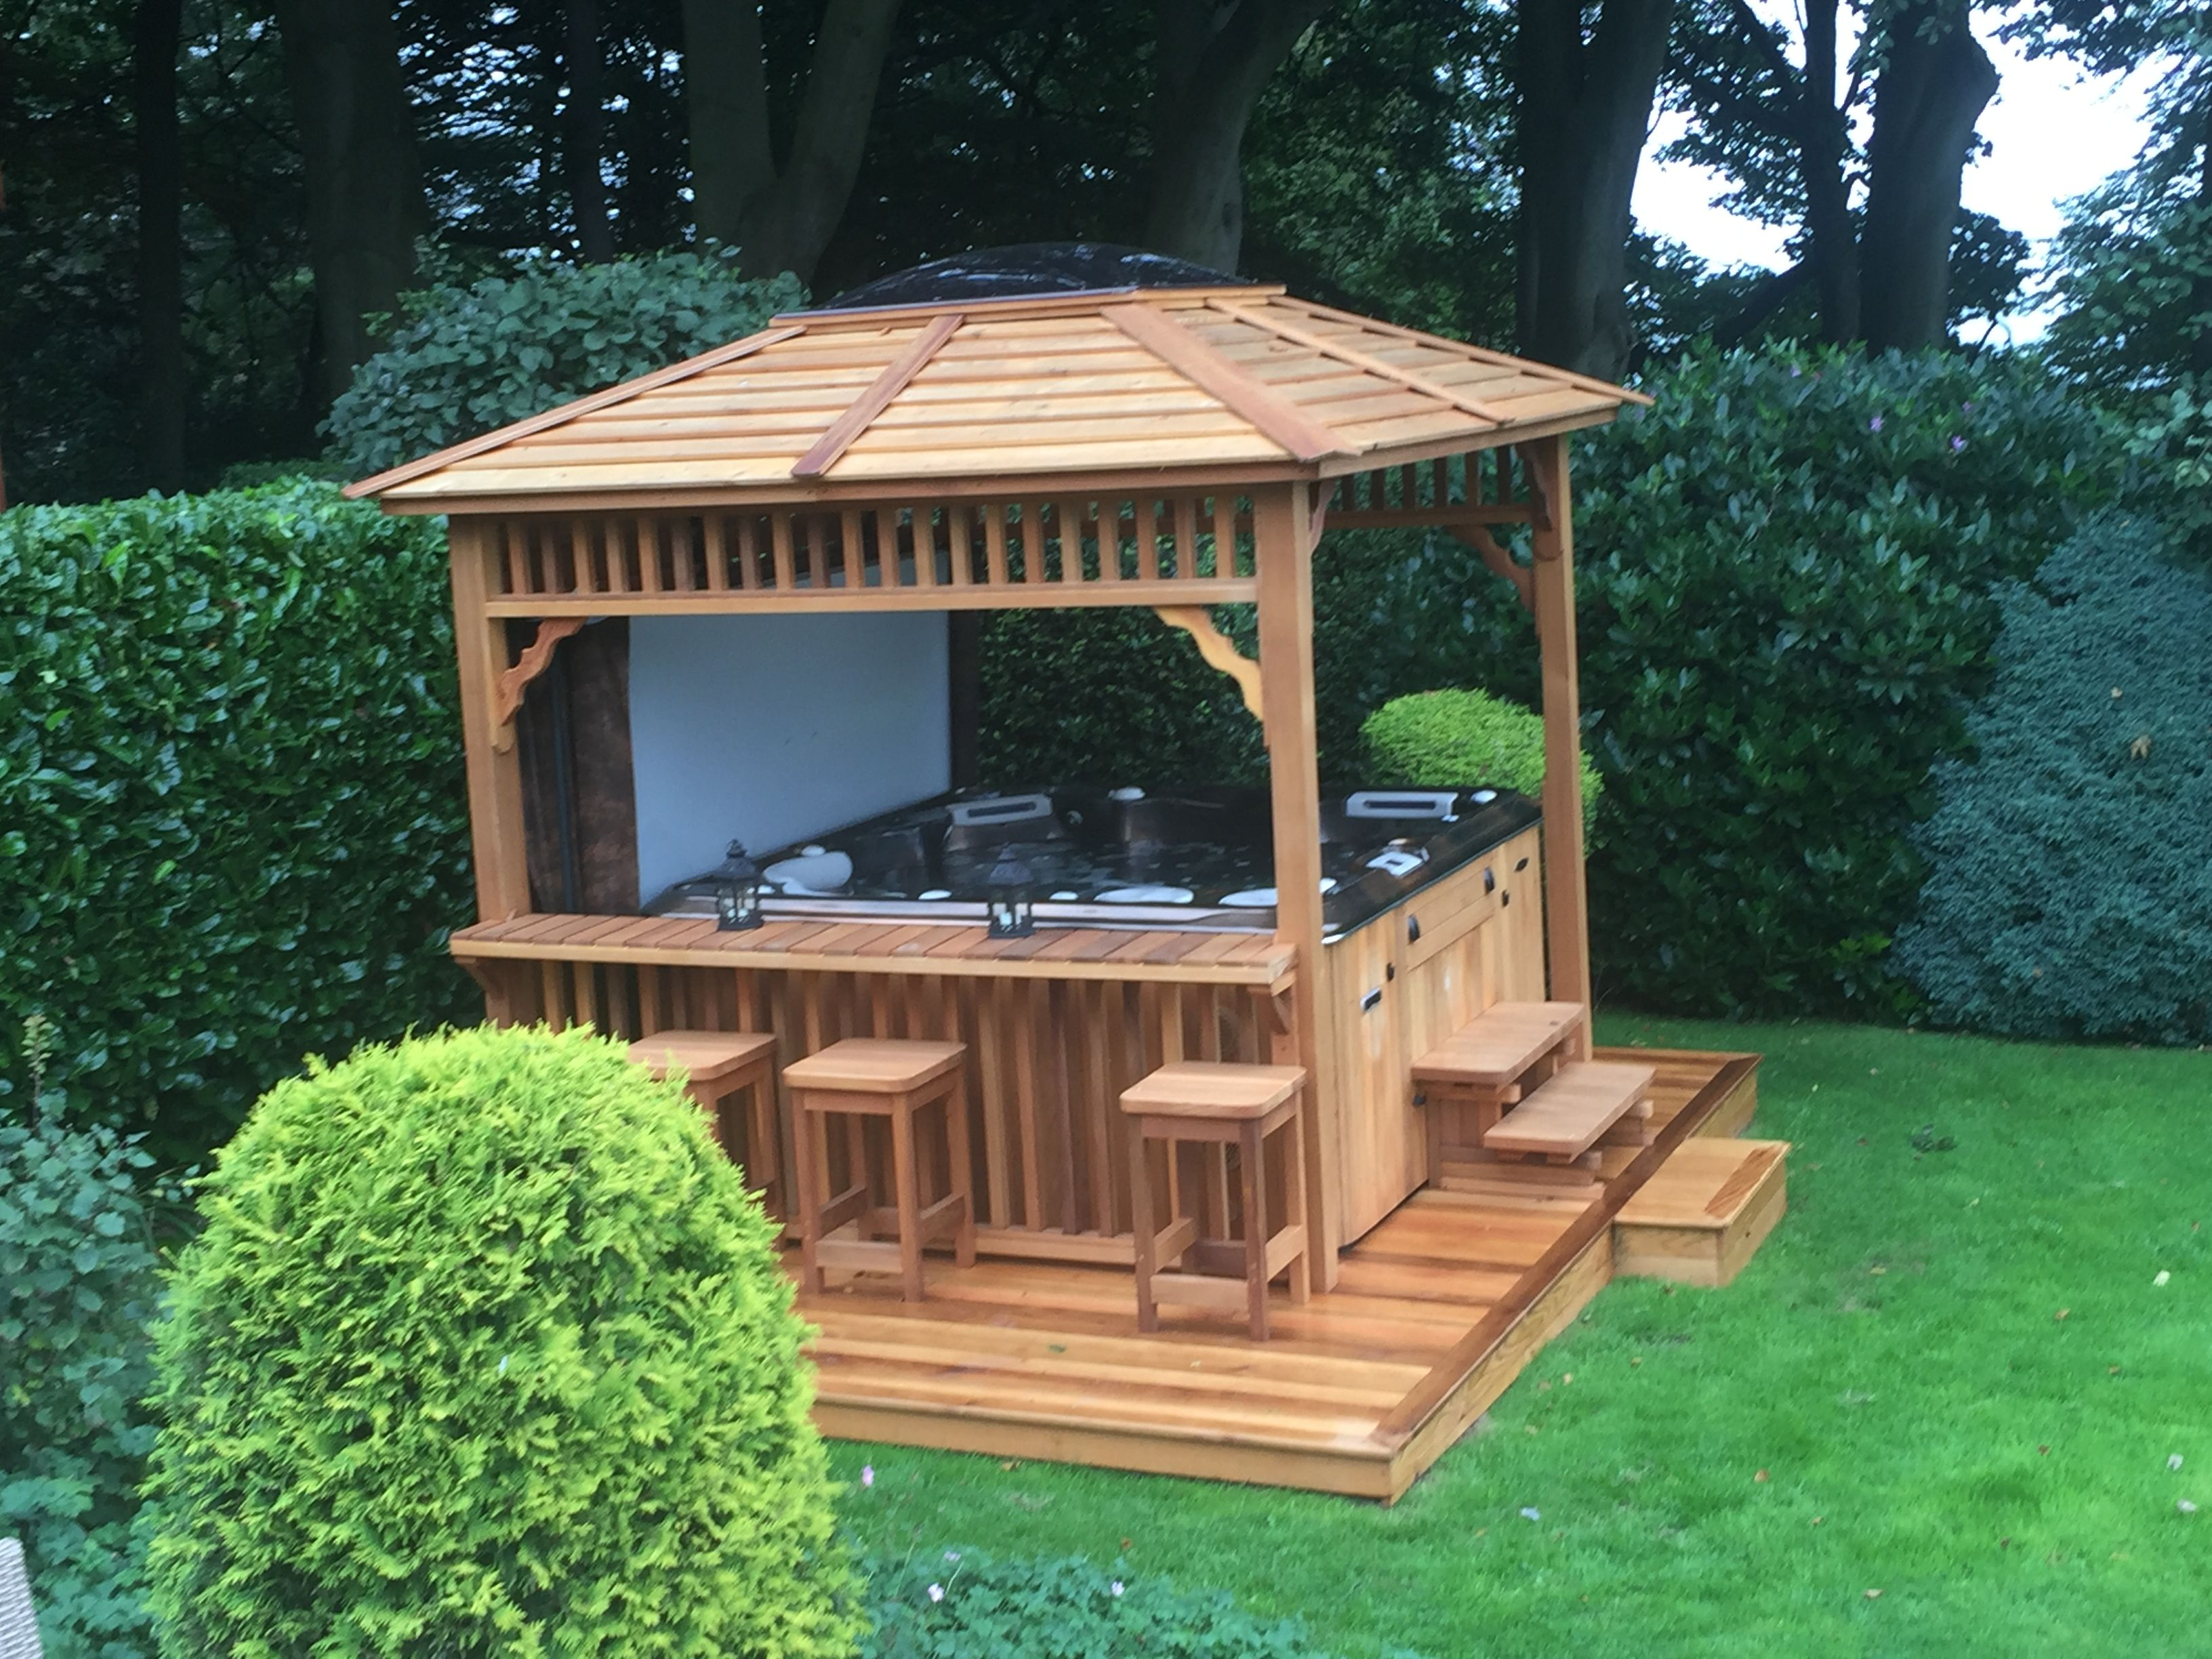 Cedar bar gazebo with matching cedar clad hot tub looks for Diy hot tub gazebo